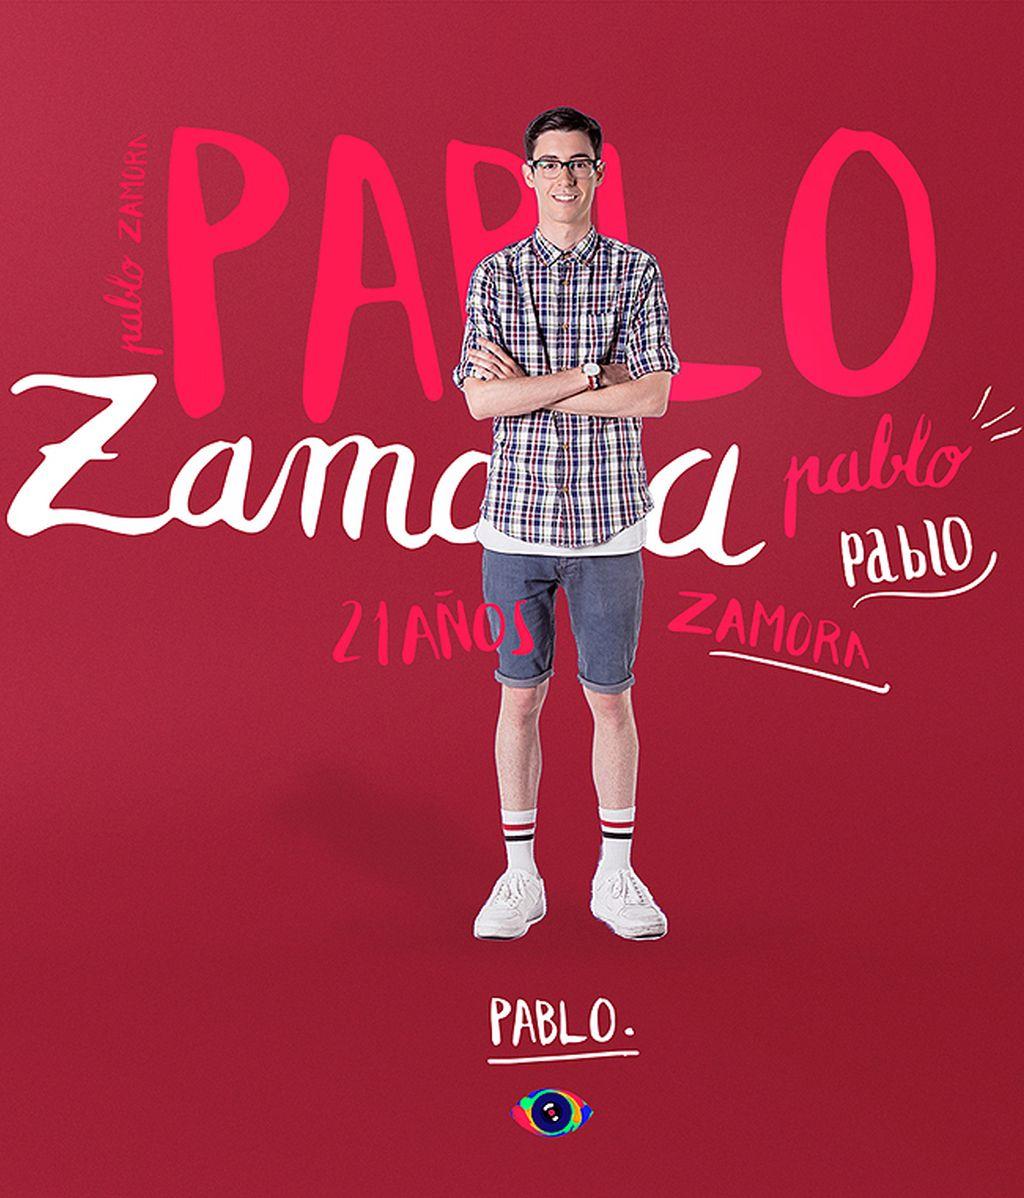 Pablo, 21 años (Zamora)